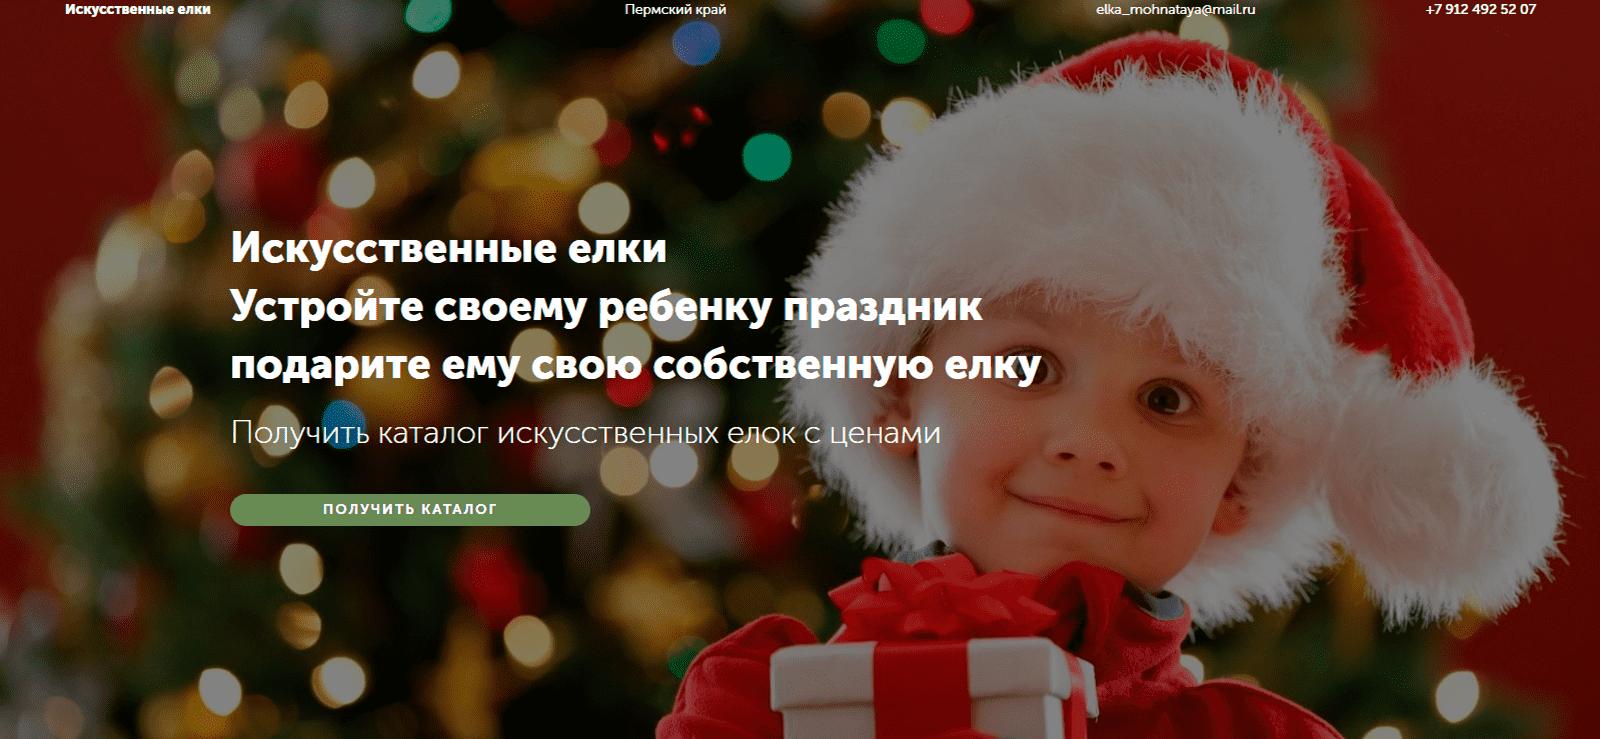 Продажа искусственных елок в ПермиСтоимость заявки:78 руб.Конверсия:16%